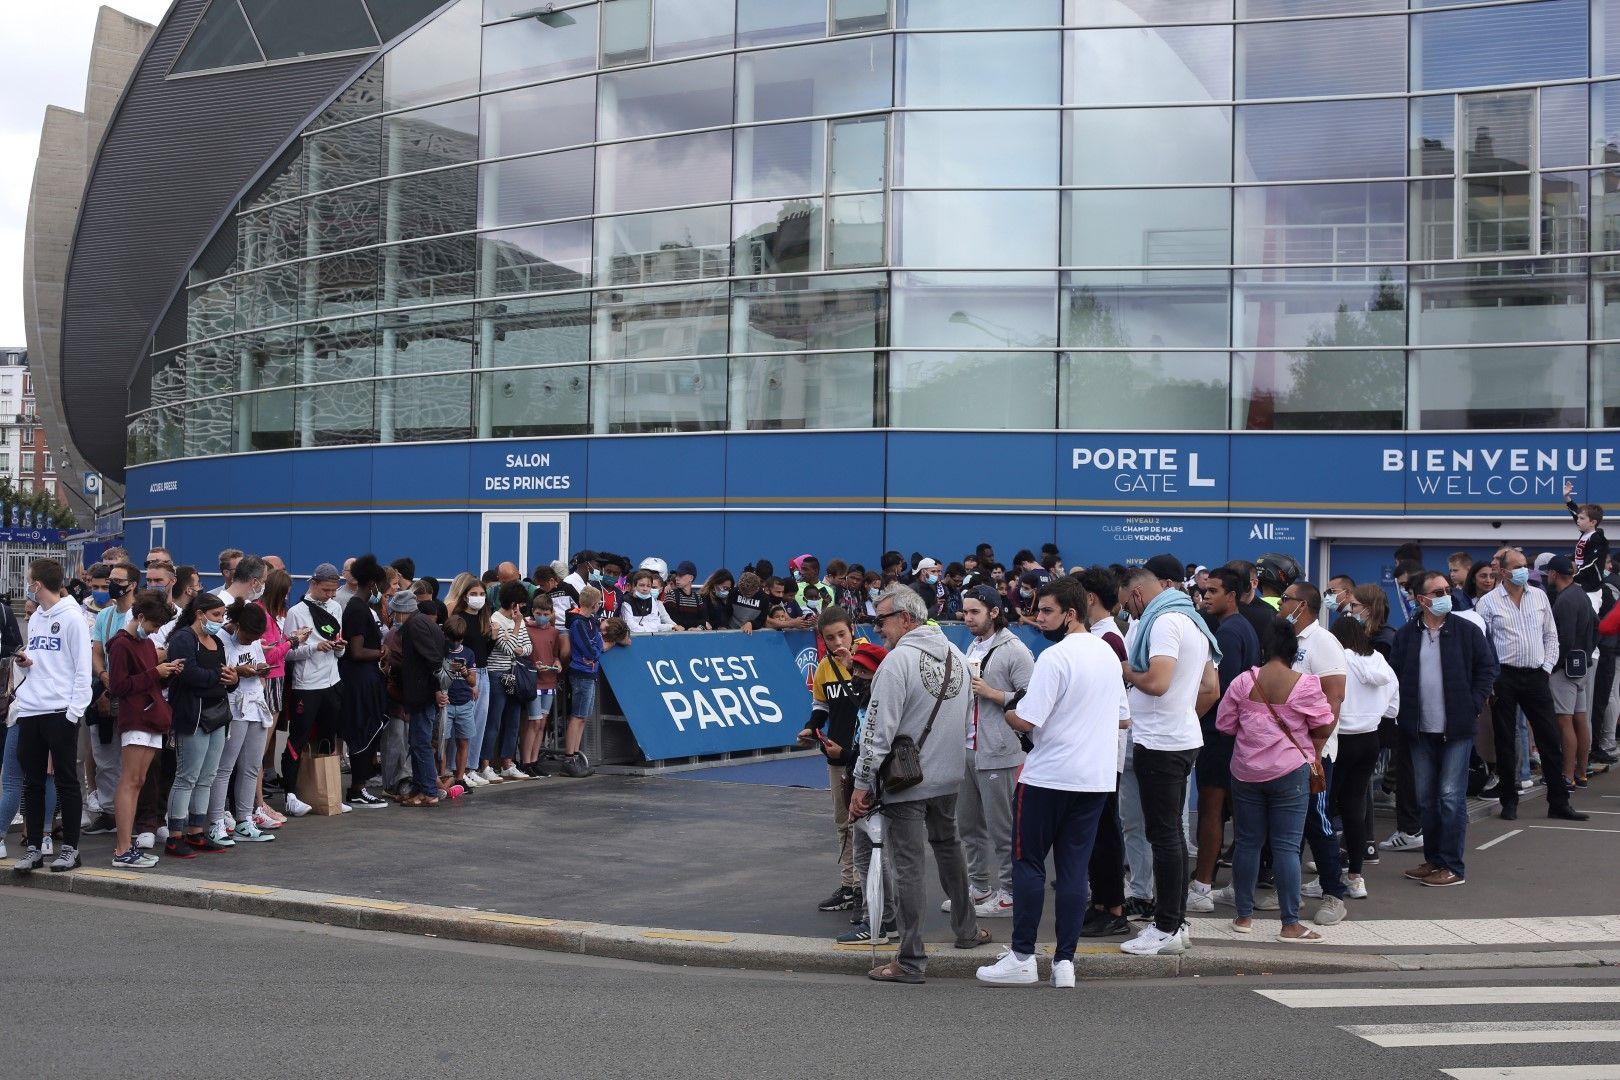 """Стадион """"Парк де Пренс"""" е обсаден от понеделник в очакване на новината - ПСЖ да вземе Лео Меси"""